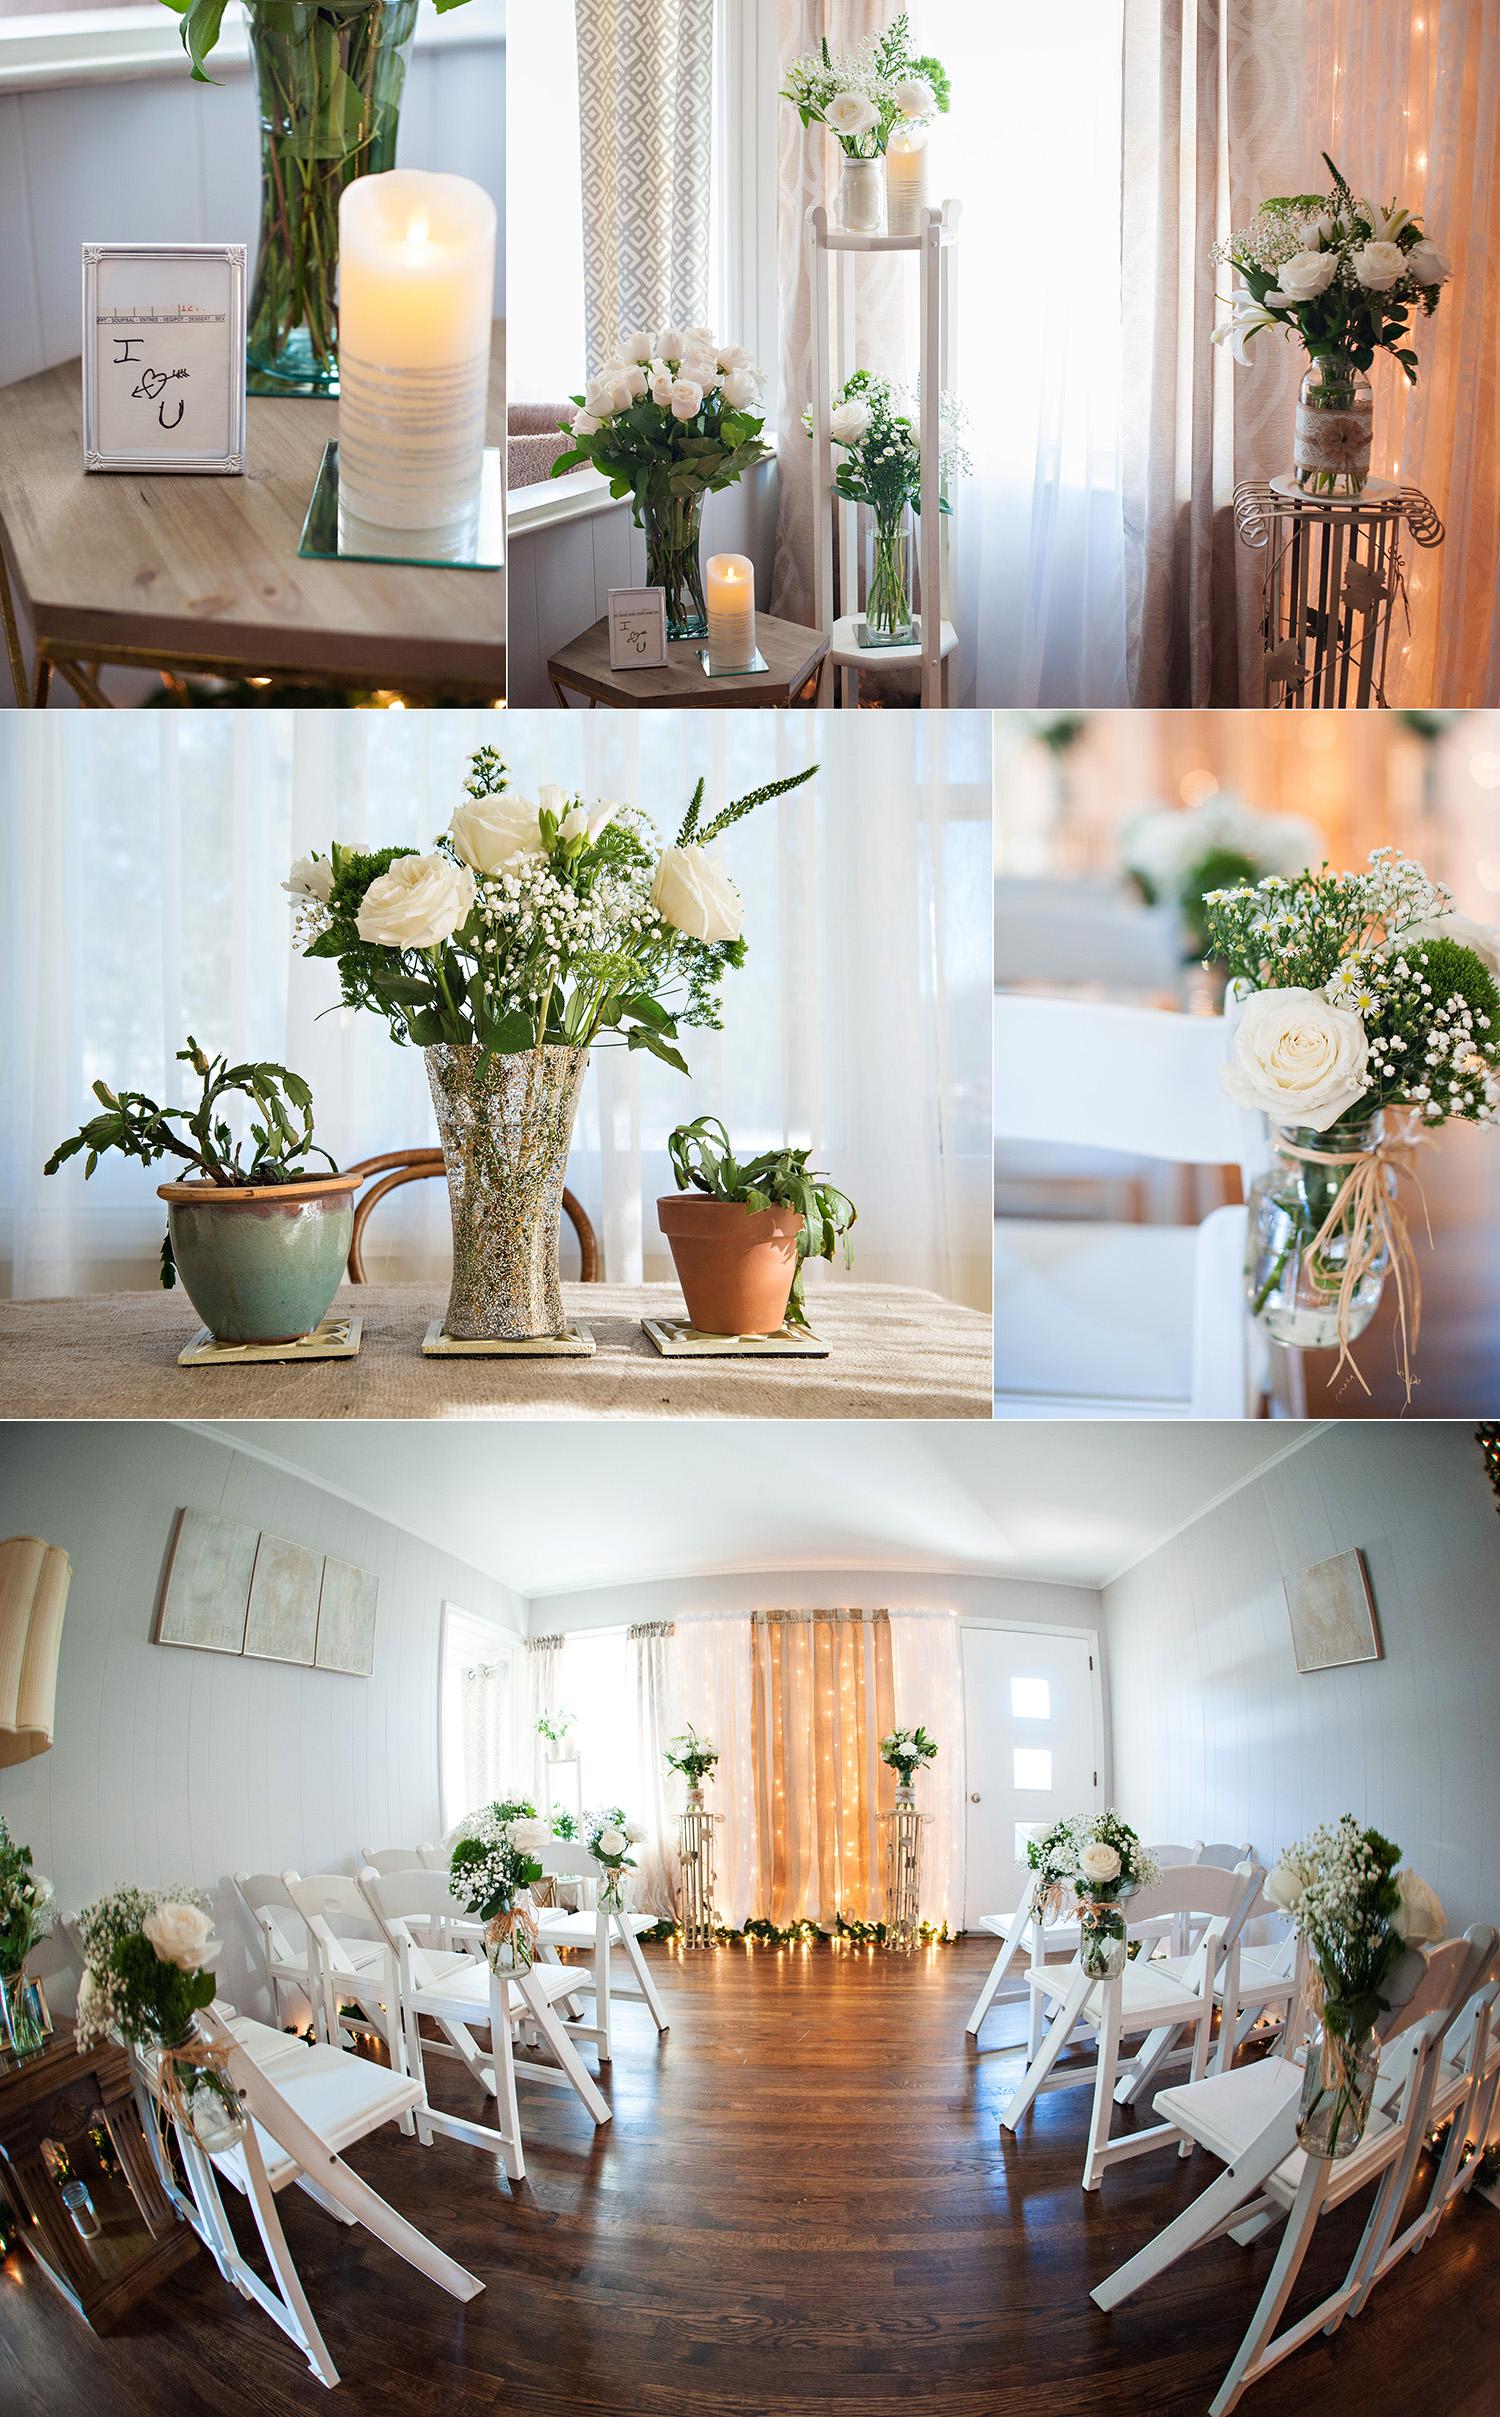 03_SRS_Photography_Sara_Stadtmiller_Asbury_Park_Wedding_Photography_NJ_Wedding_Photographer_Monmouth_County_Wedding_Photographer_Home_Wedding_DIY_Wedding